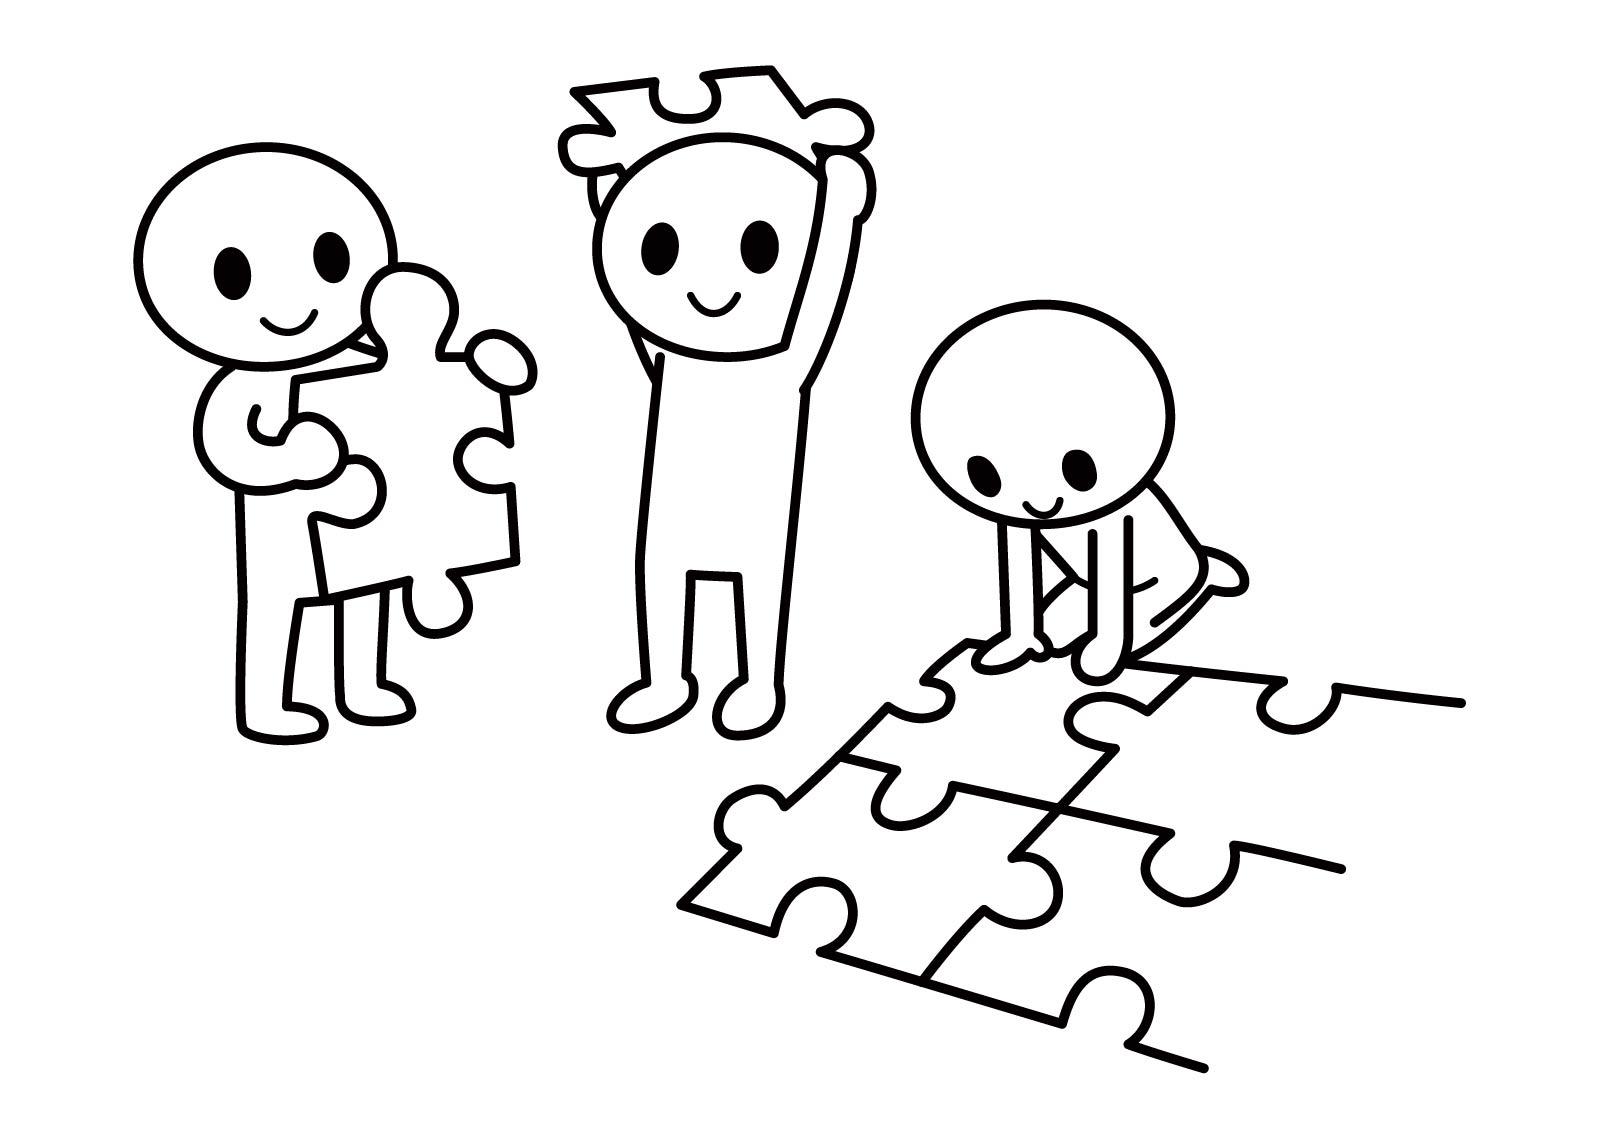 認知症の幻視に対する対応の成功例と失敗例。「小人がたくさんいる」